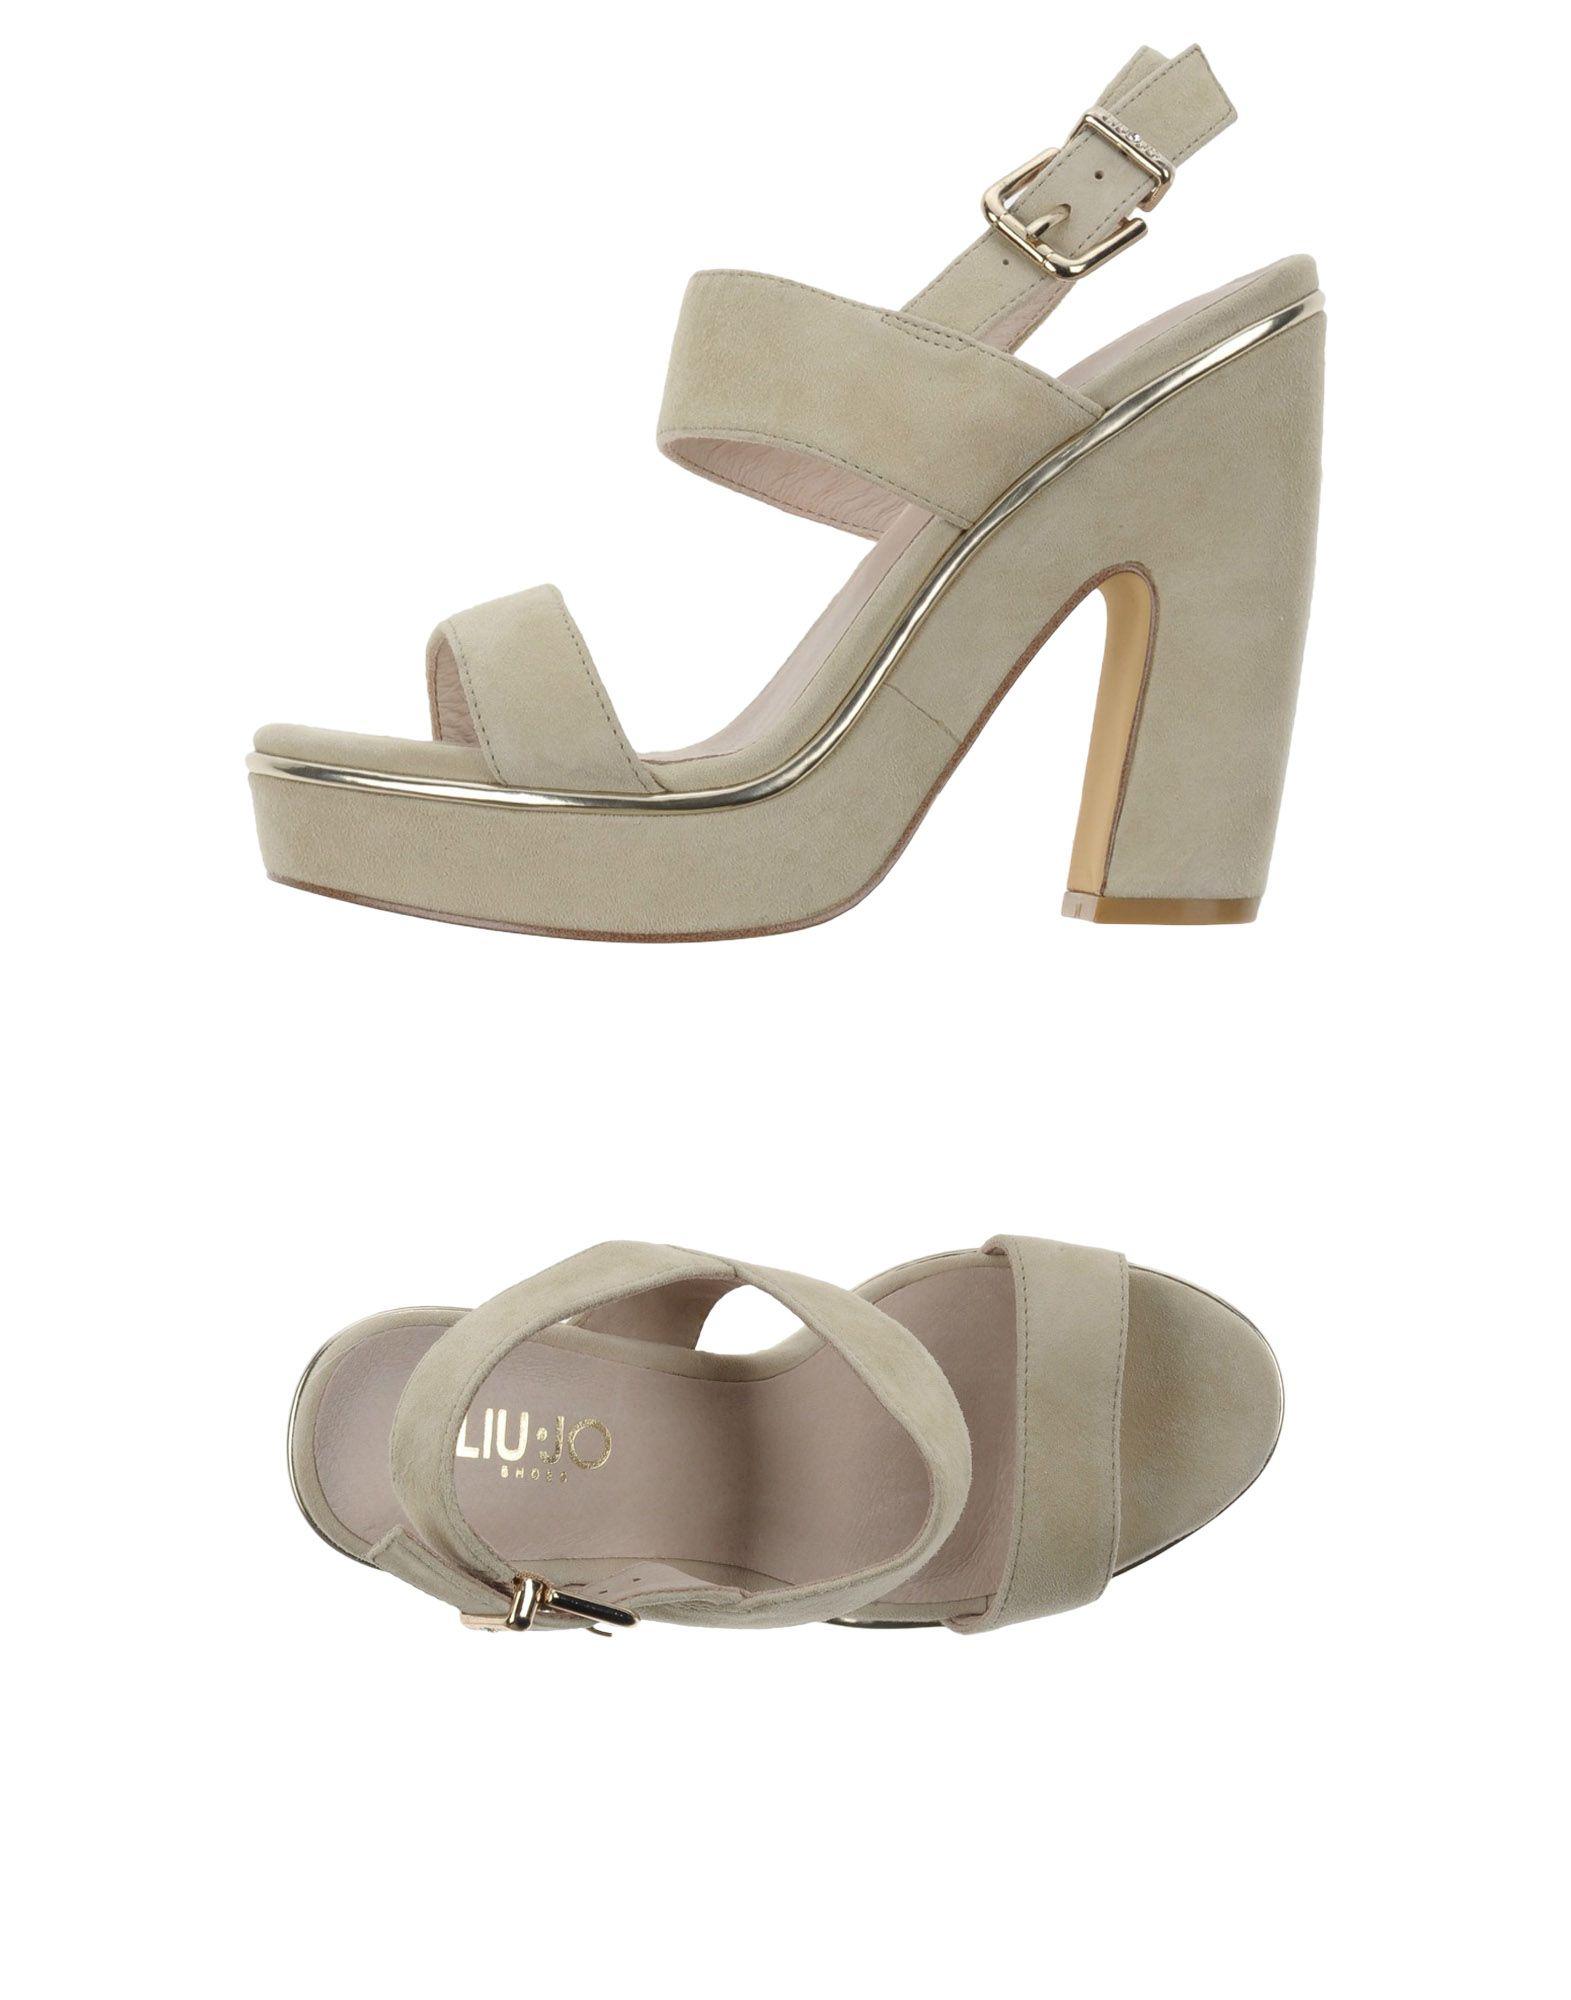 Liu •Jo Shoes Sandalen Damen Damen Sandalen  11110197WV Gute Qualität beliebte Schuhe 55214f